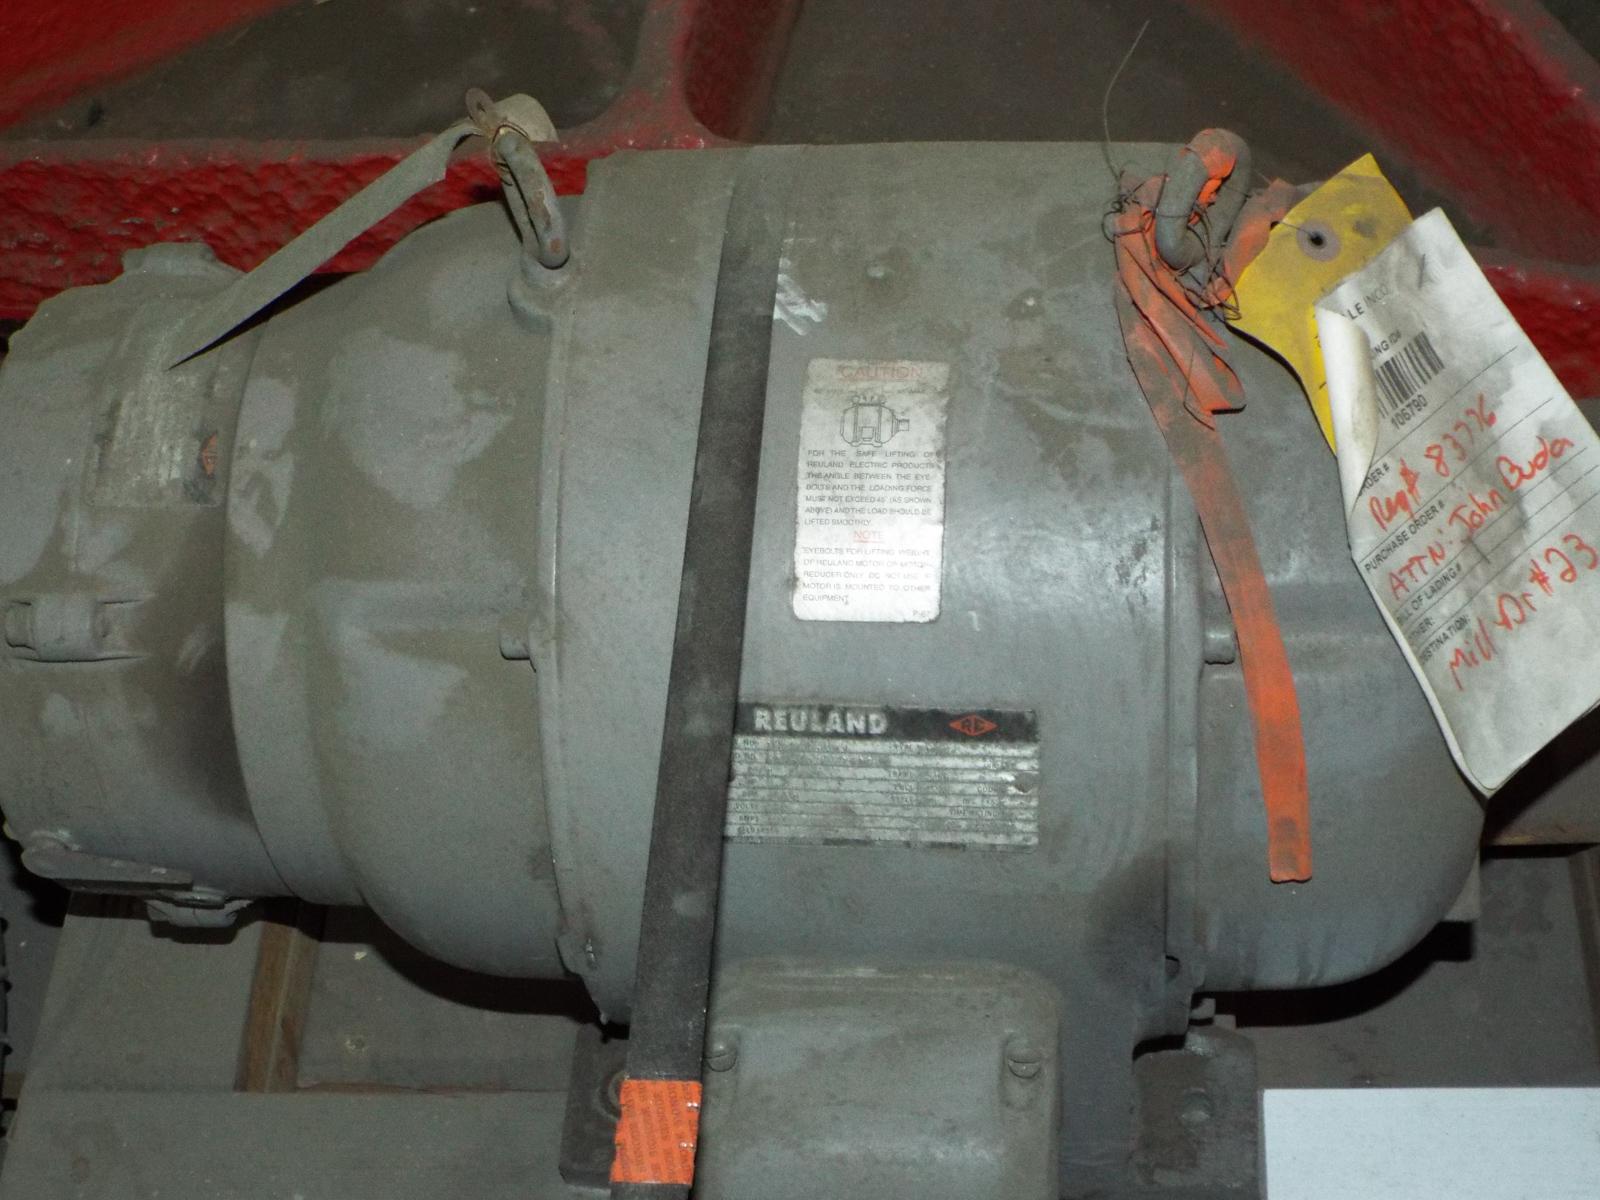 LOT/ (4) REULAND HOIST MOTORS 7.5HP/1800RPM/575V/3PH/60HZ/254U WITH MAGNETIC BRAKE (PLT 6L) - Image 3 of 5